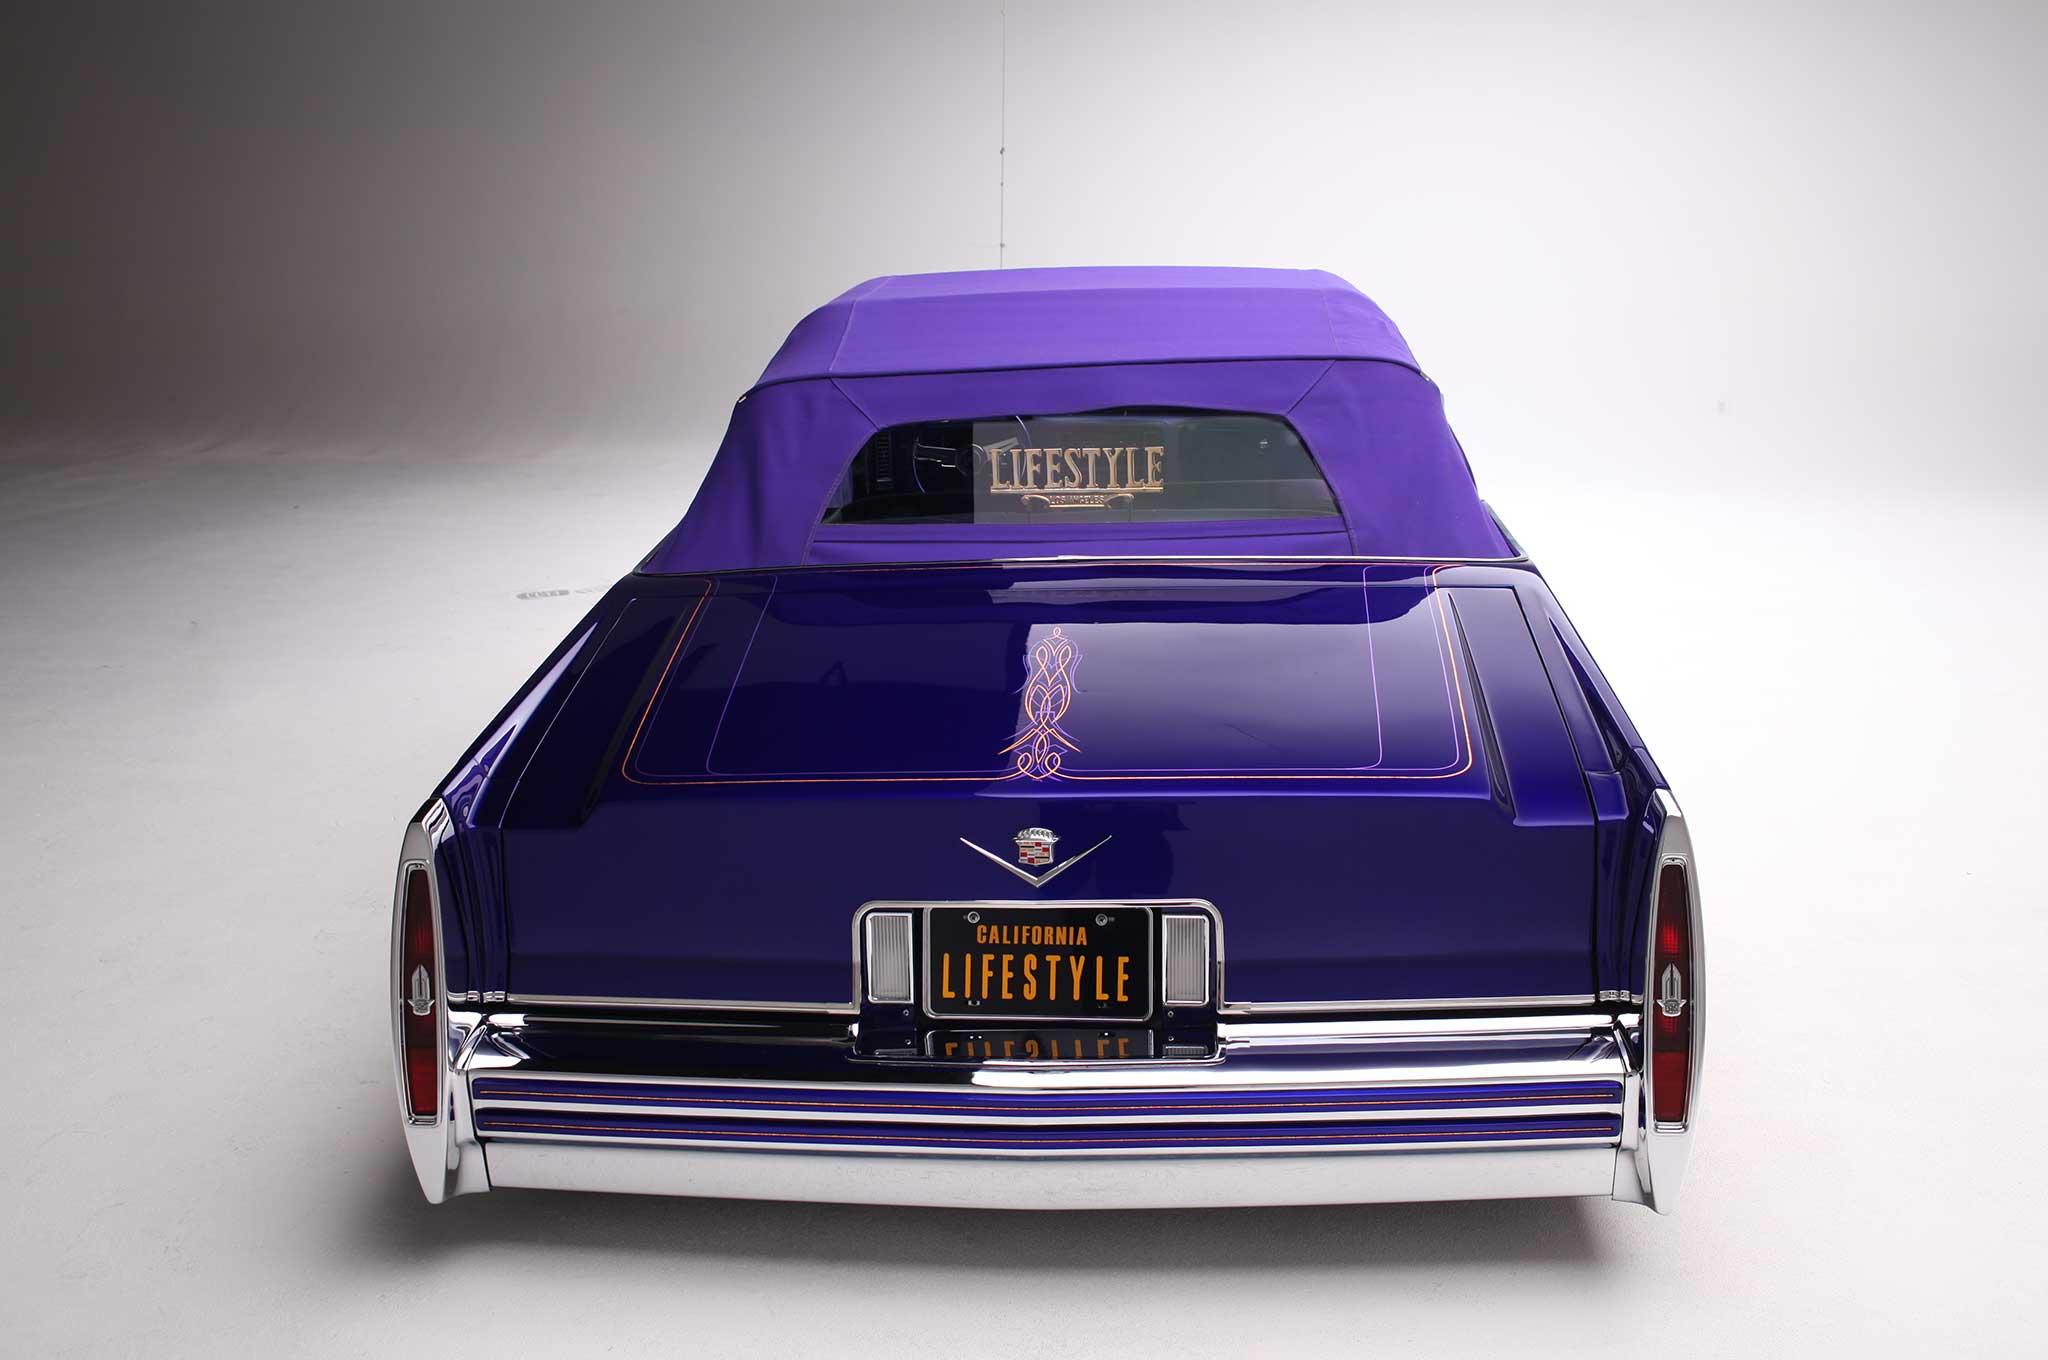 1979 Cadillac Le Cabriolet Purple Rein Lowrider